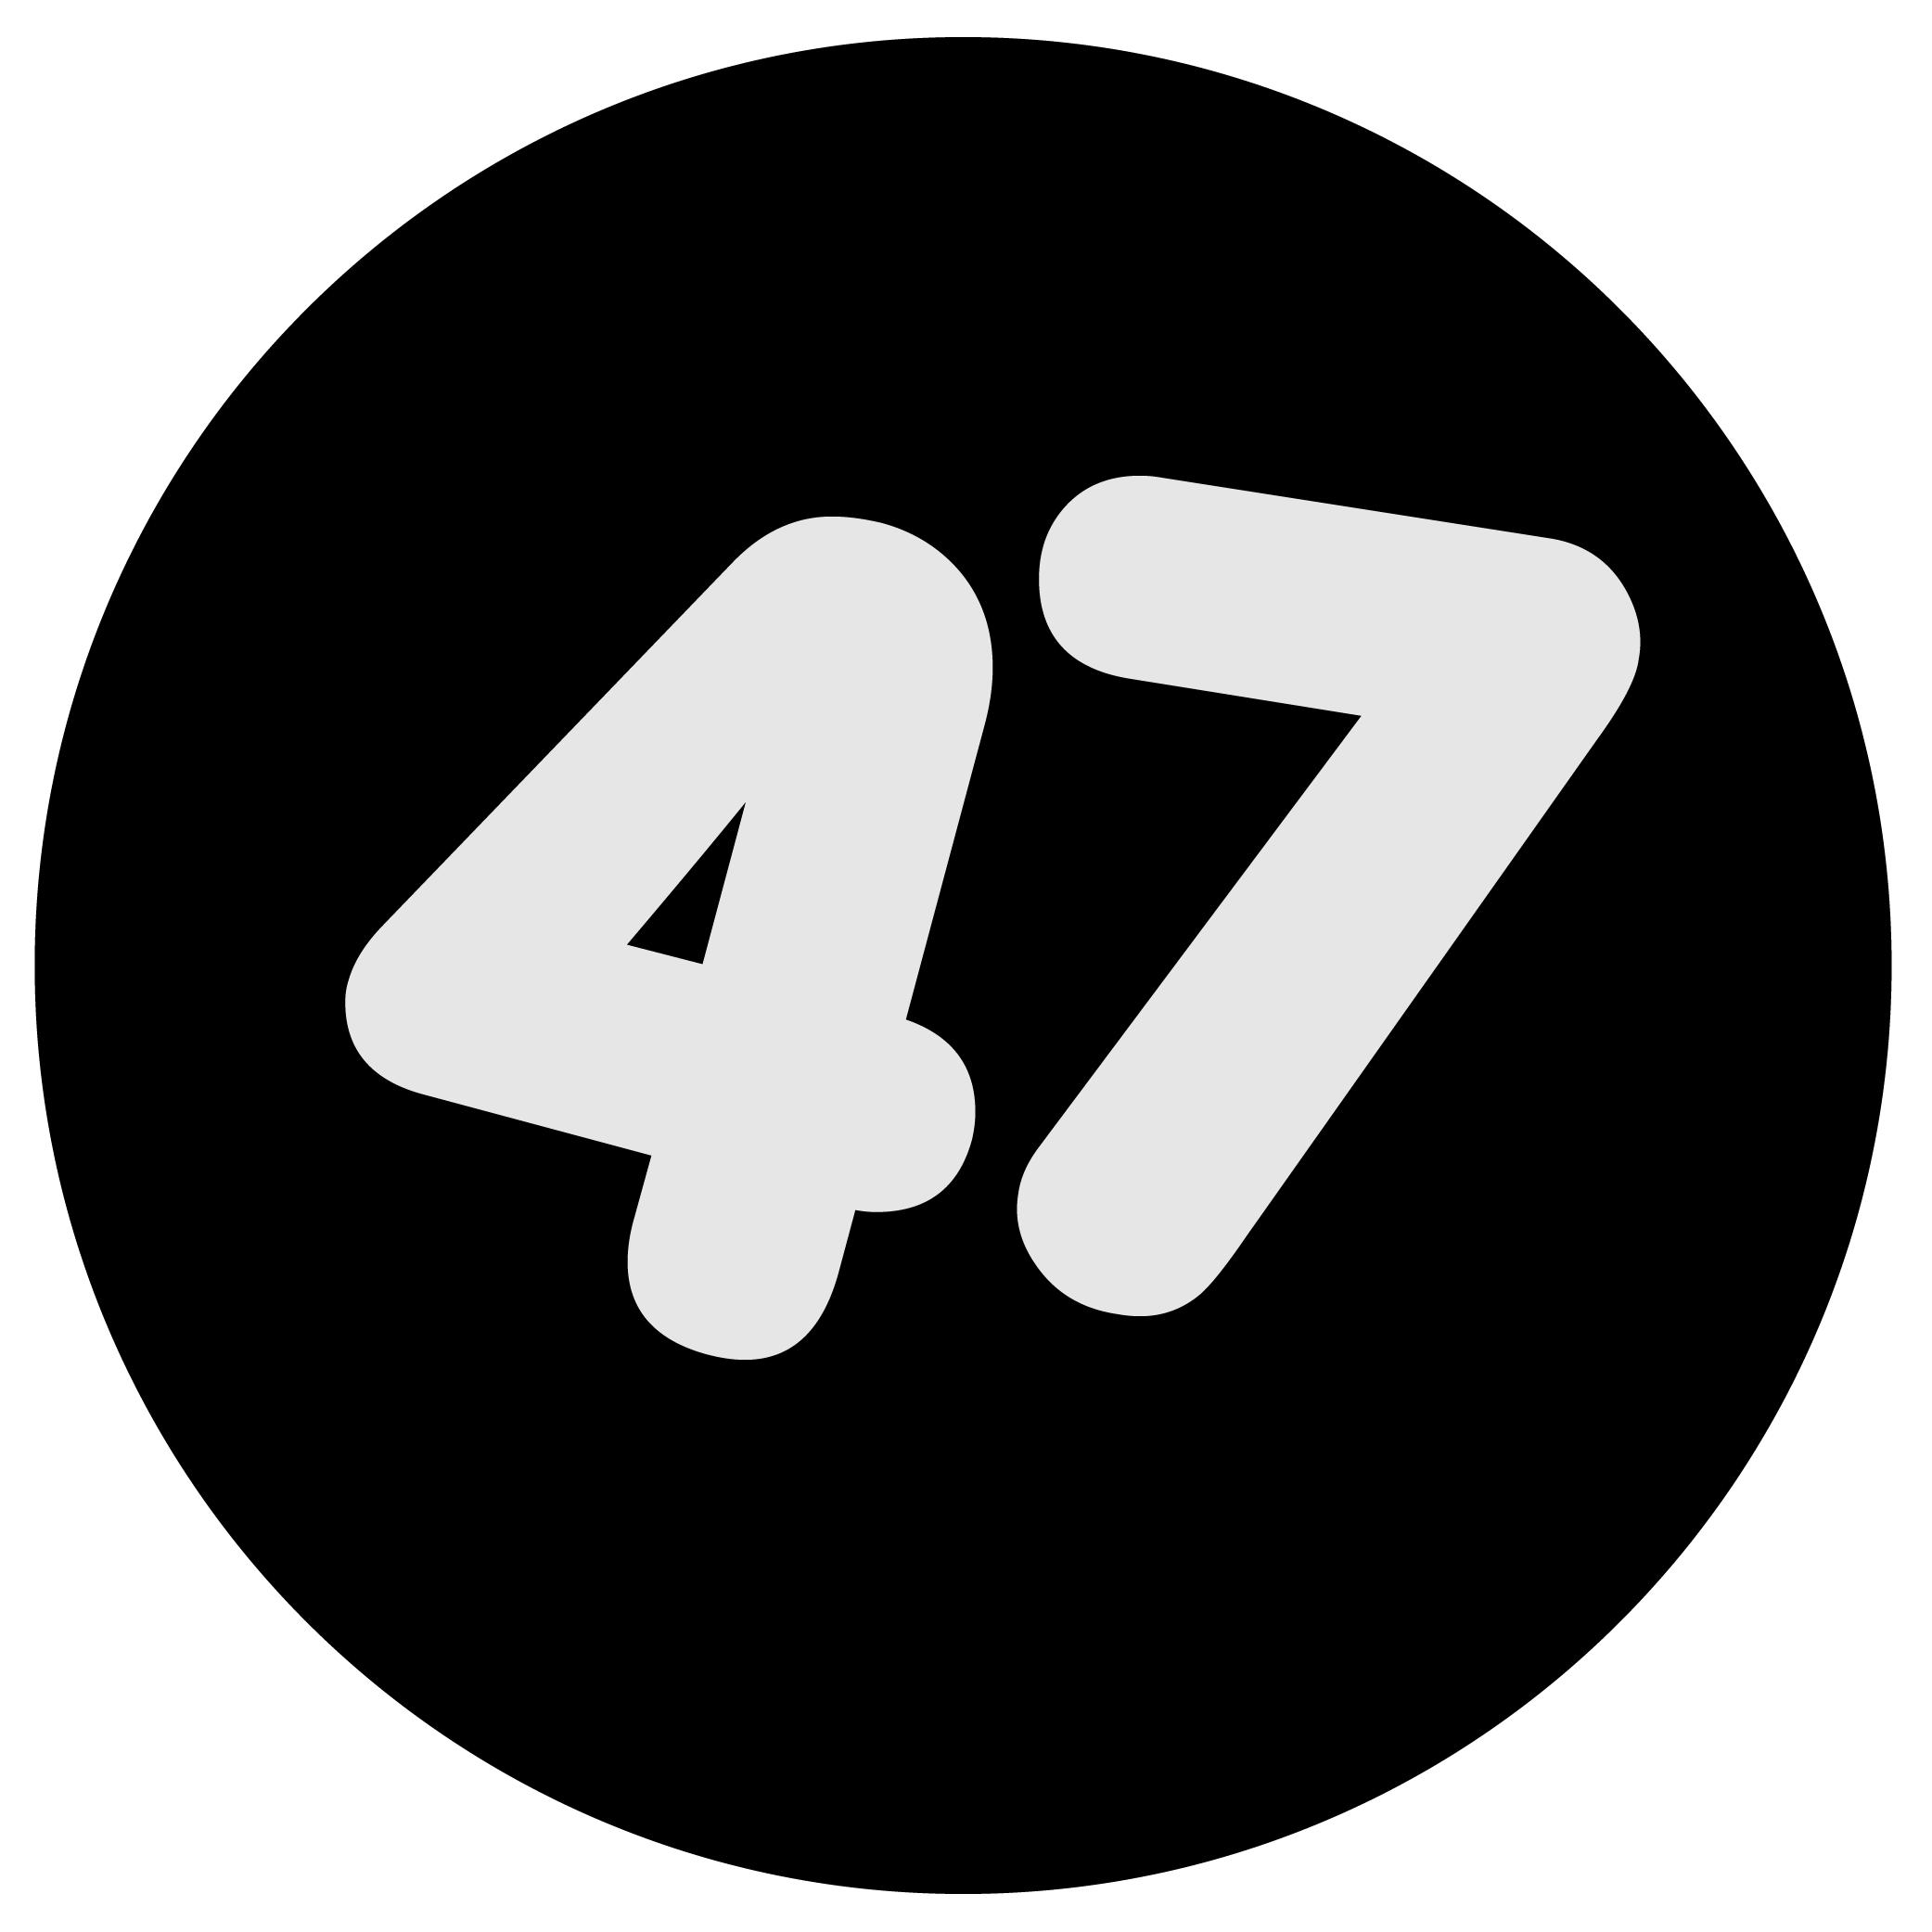 circles-36.png